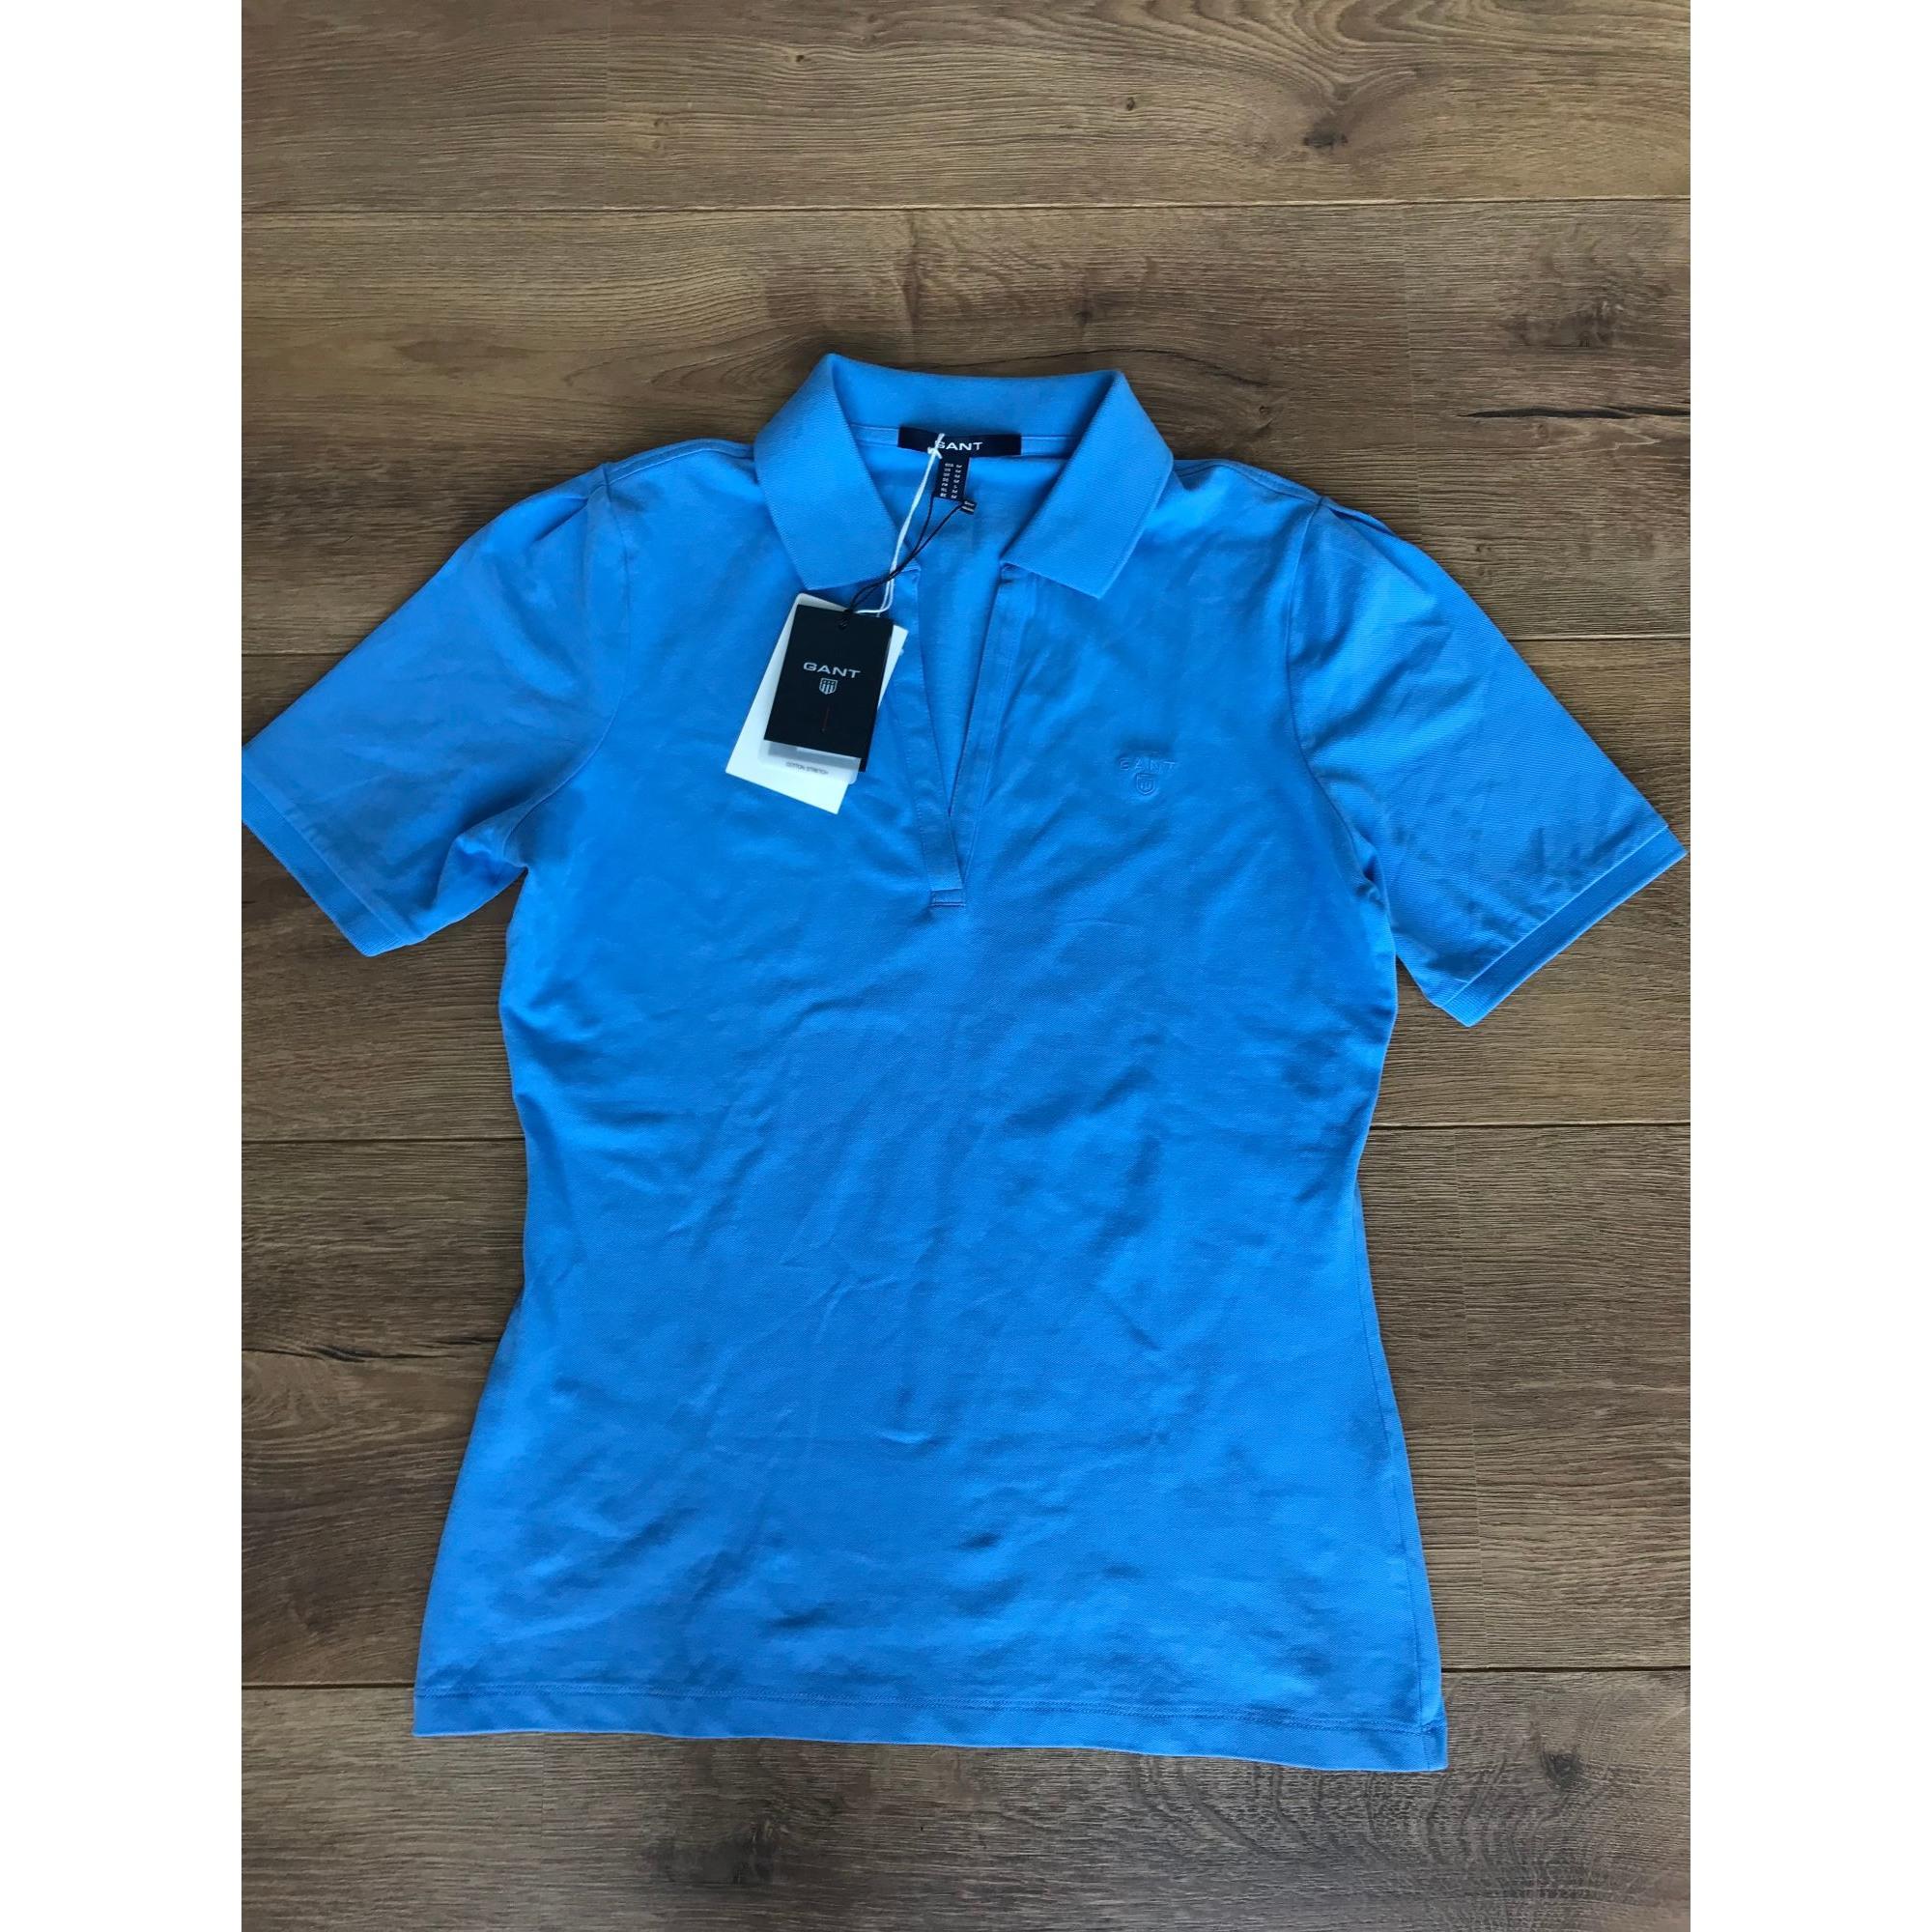 Polo GANT Bleu, bleu marine, bleu turquoise